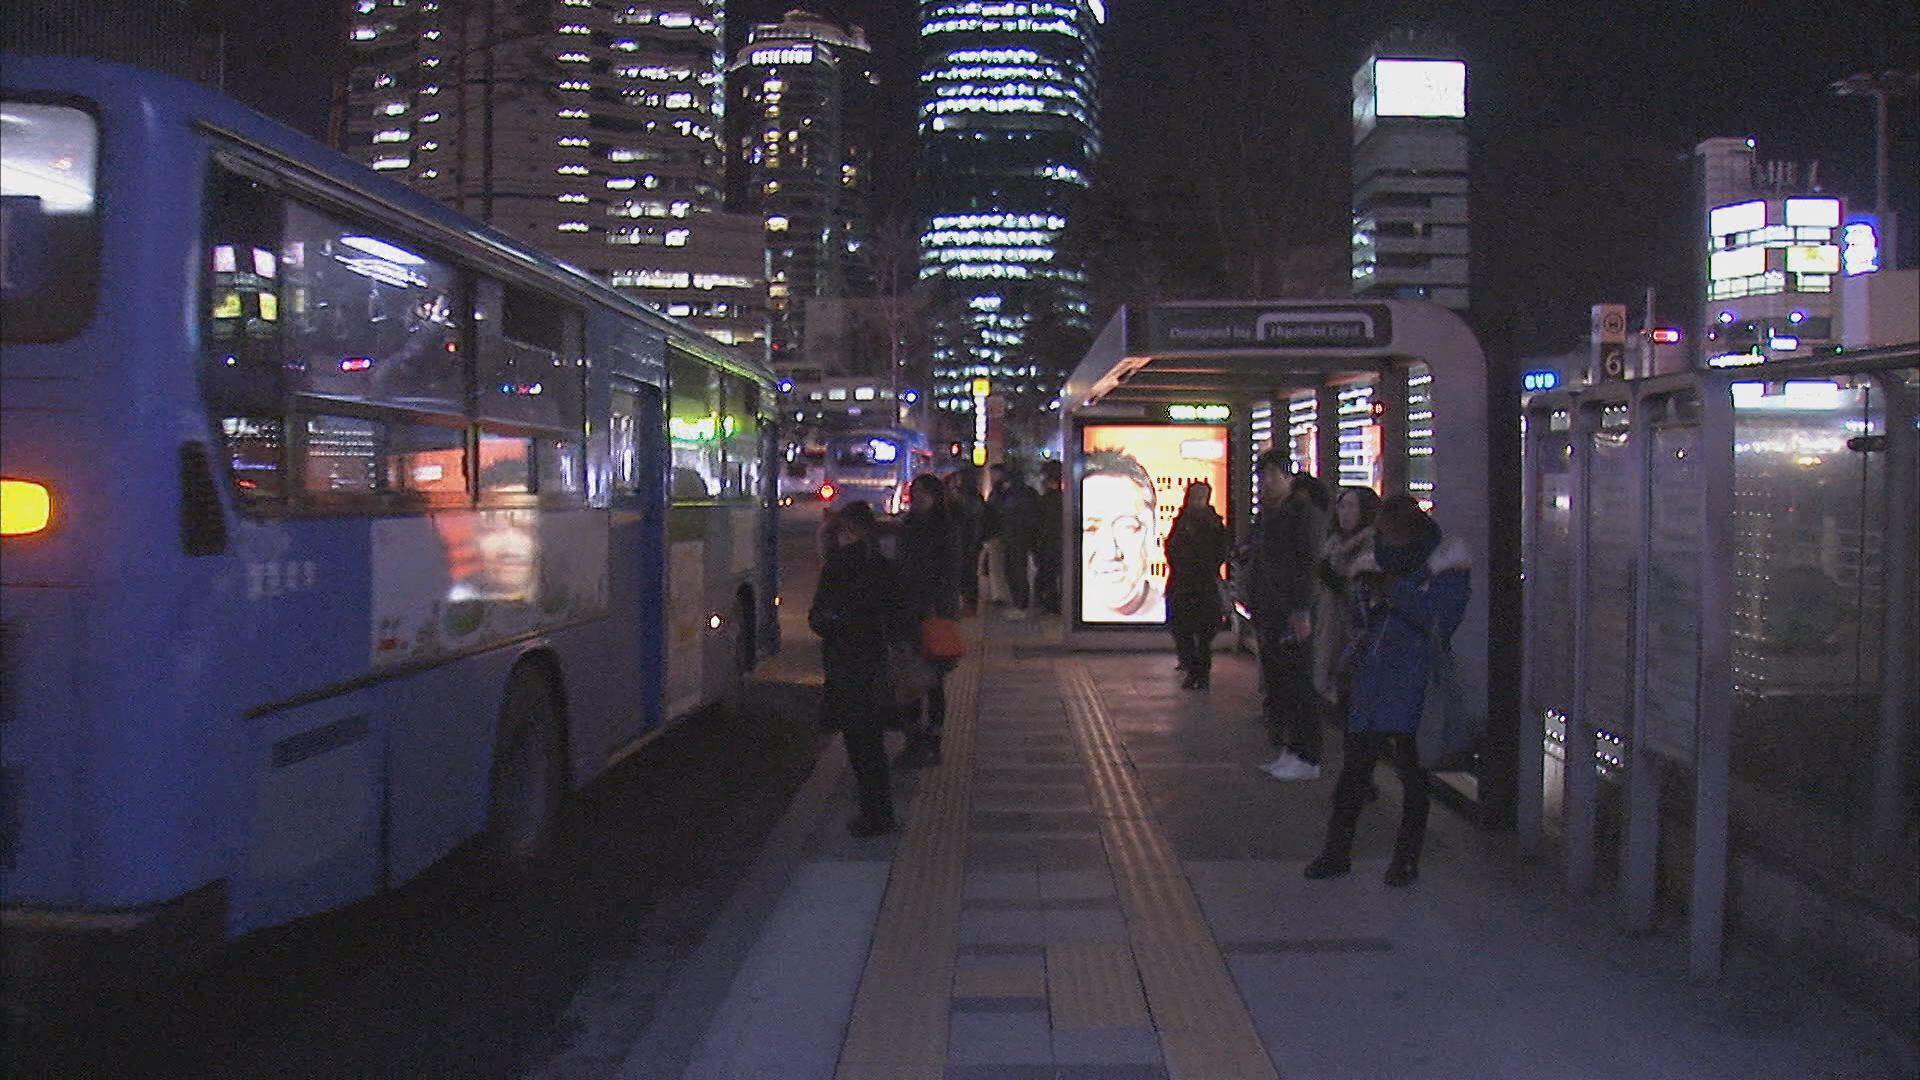 연말 대중교통 막차시간 연장…24시간 체제 가동